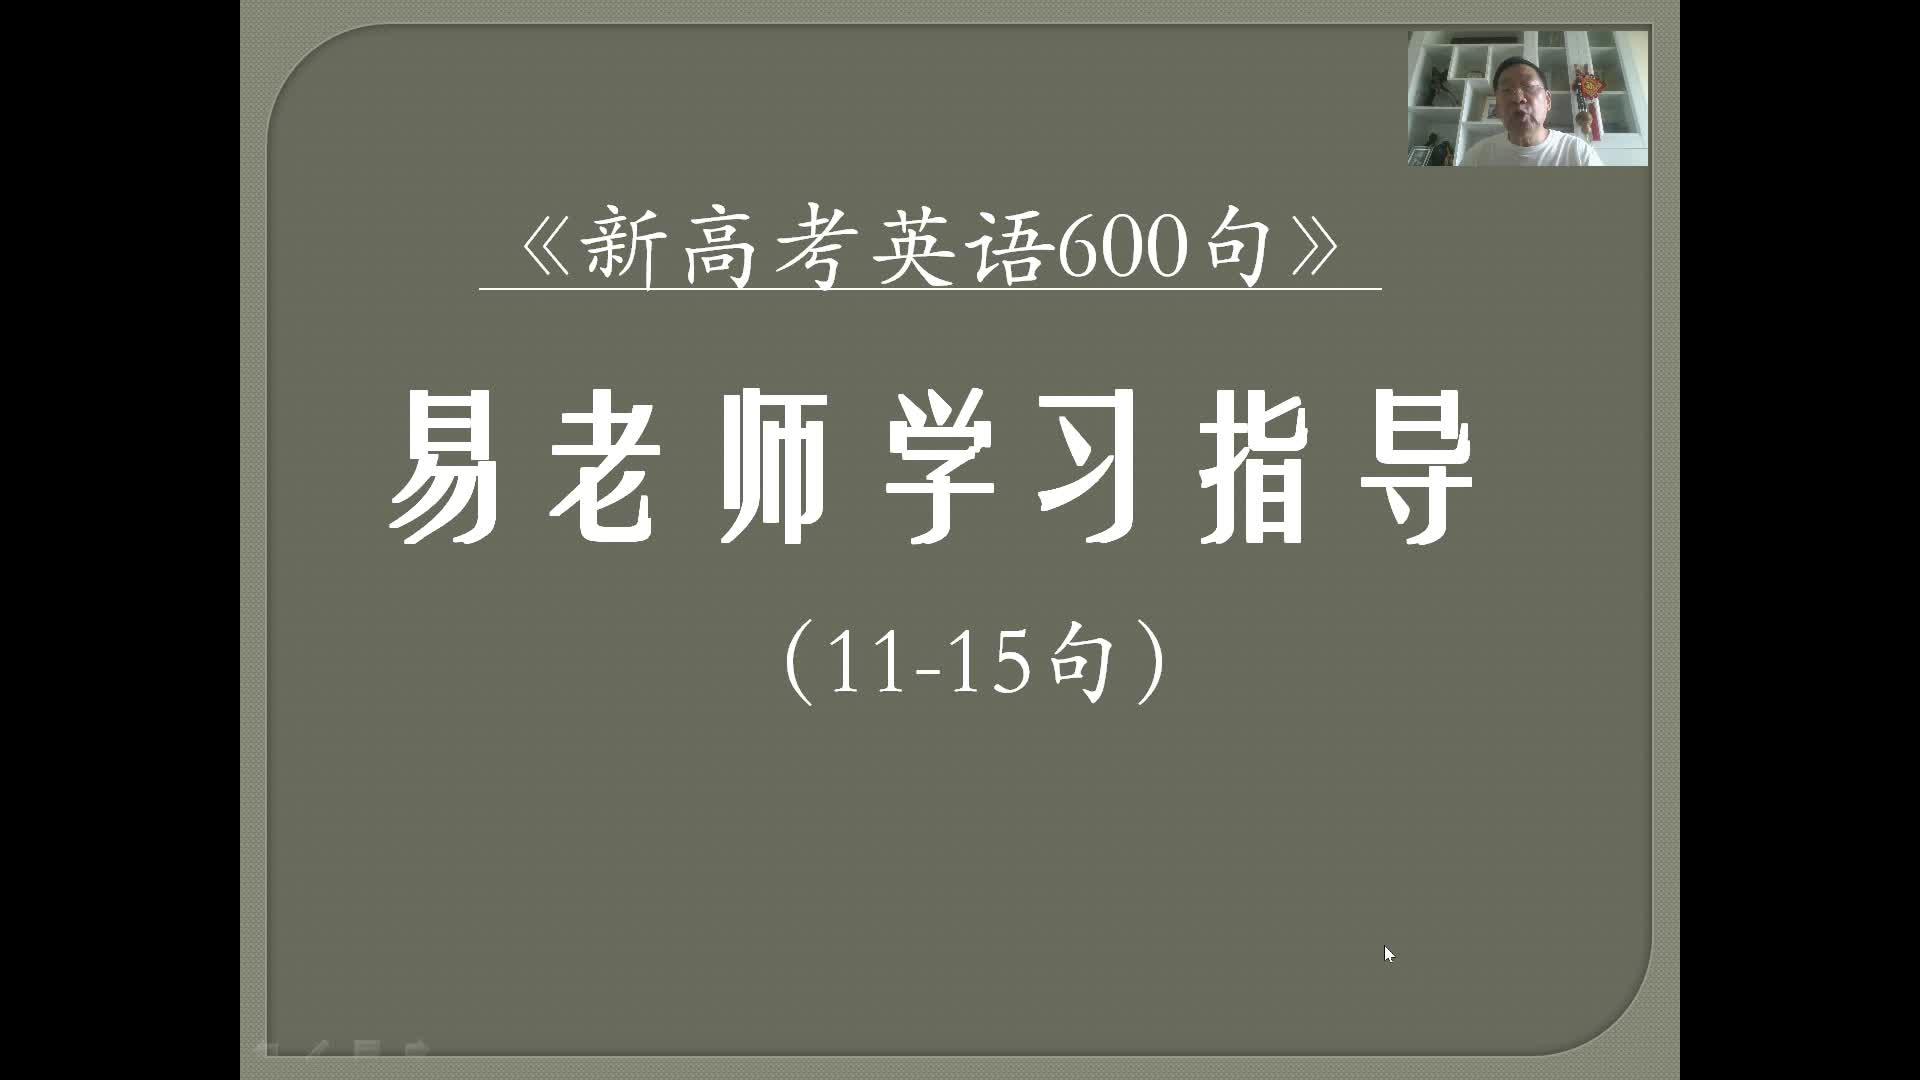 易仁荣英语《 新高考英语600句》第11-15句学习指导 - 易仁荣英语《 新高考英语600句》学习指导视频